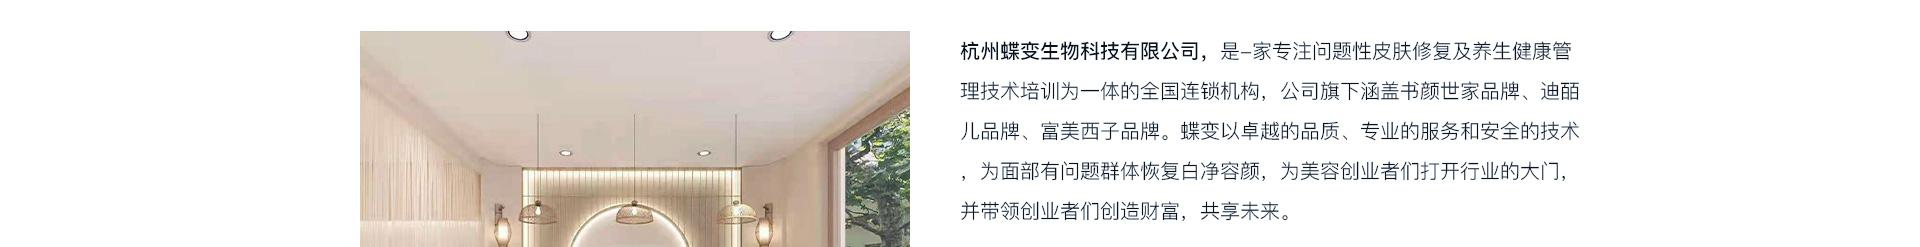 书颜世家详情_06